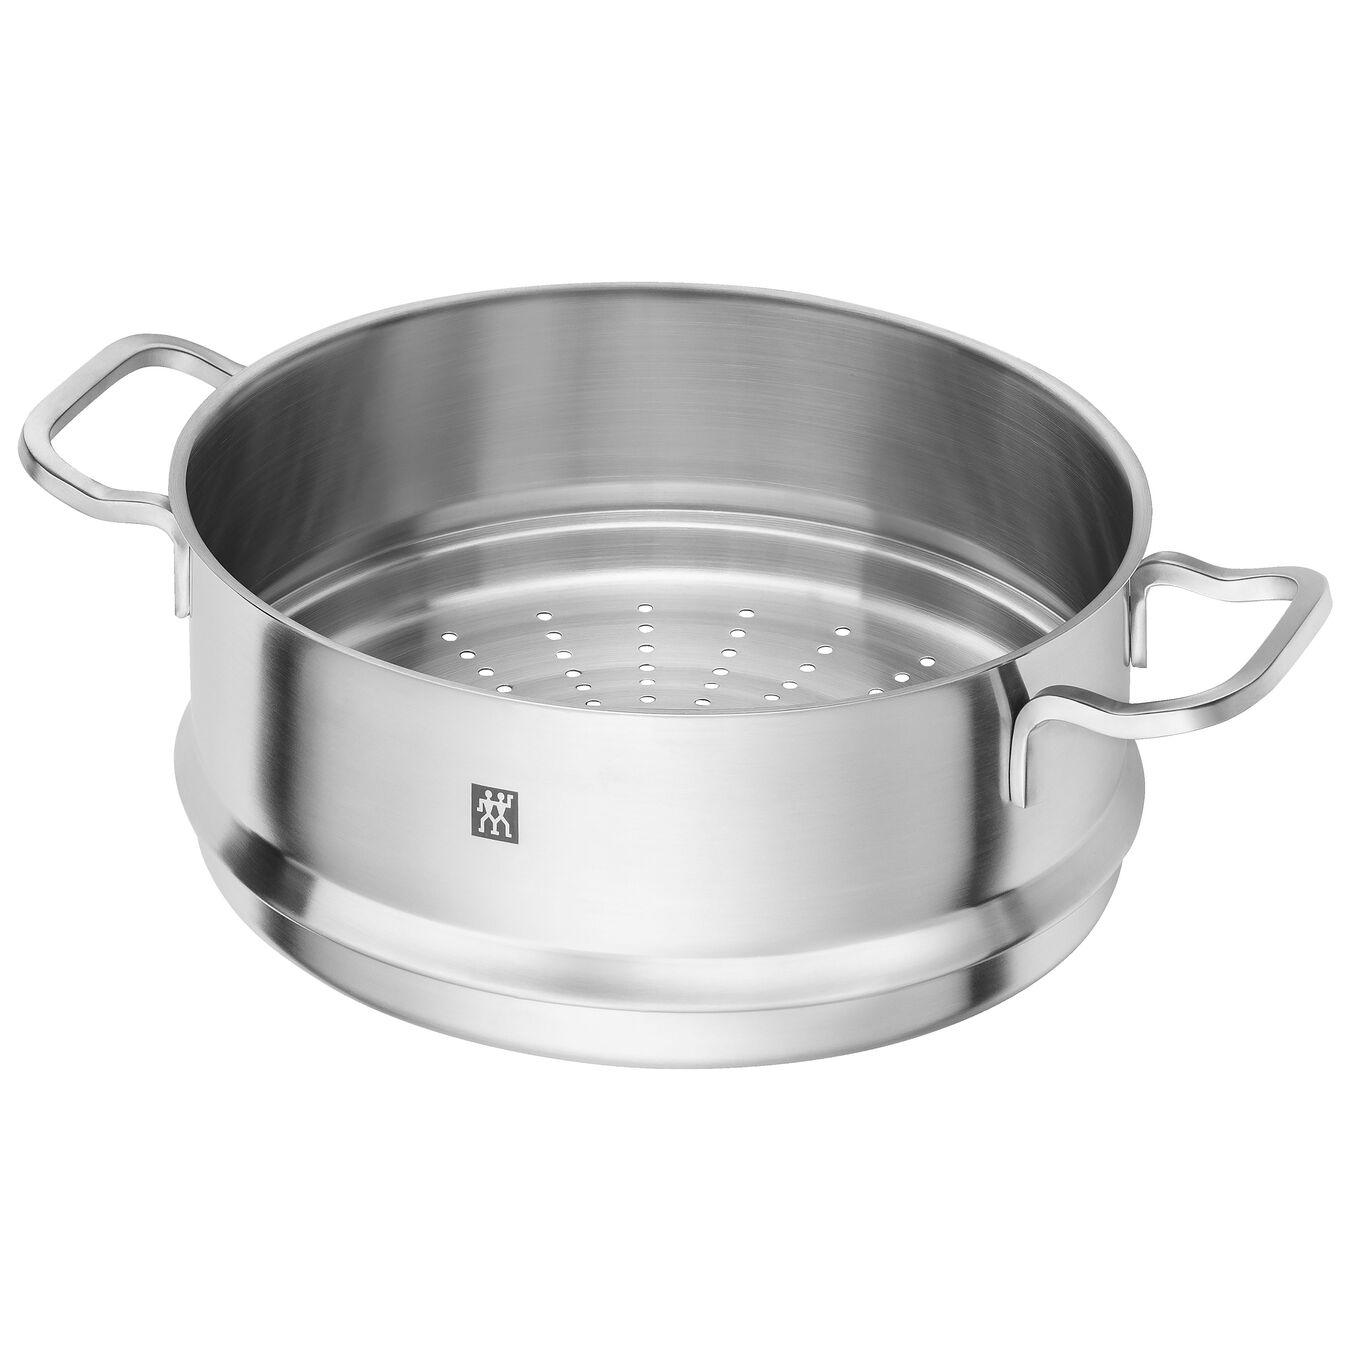 Passoire pour cuit vapeur 24 cm,,large 1